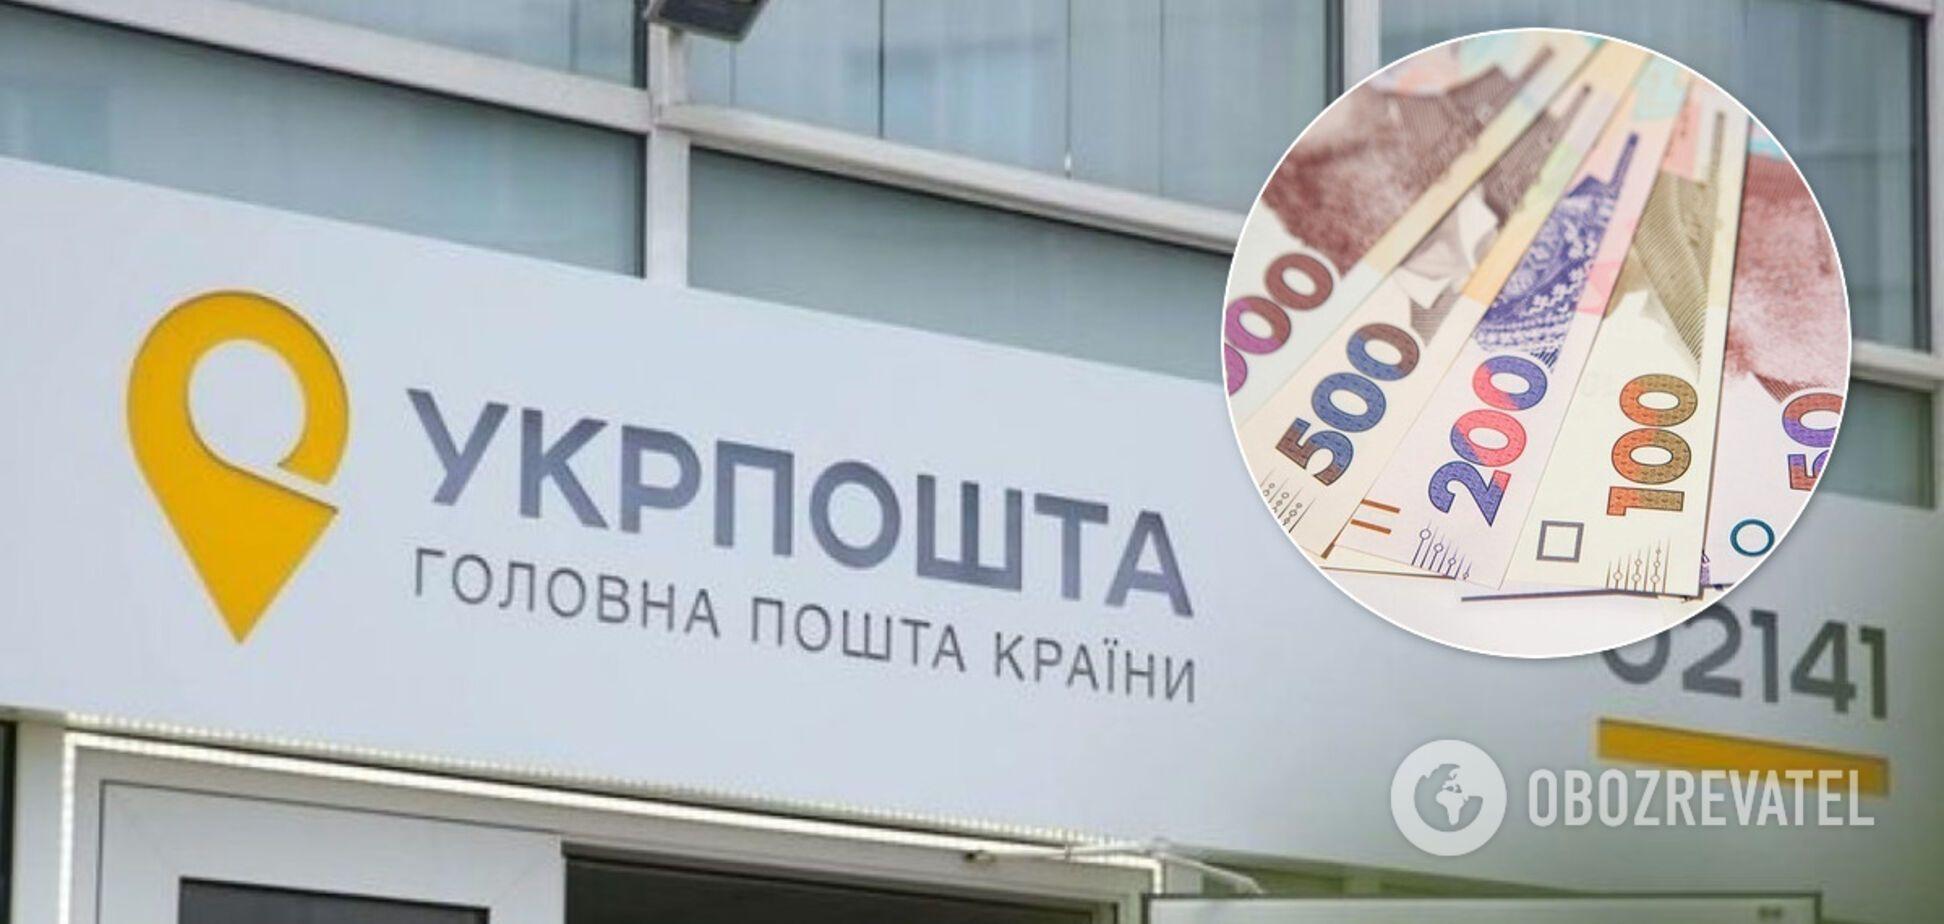 В 'Укрпочте' резко повысили зарплаты: за коронавирус дадут по 25 тыс. грн